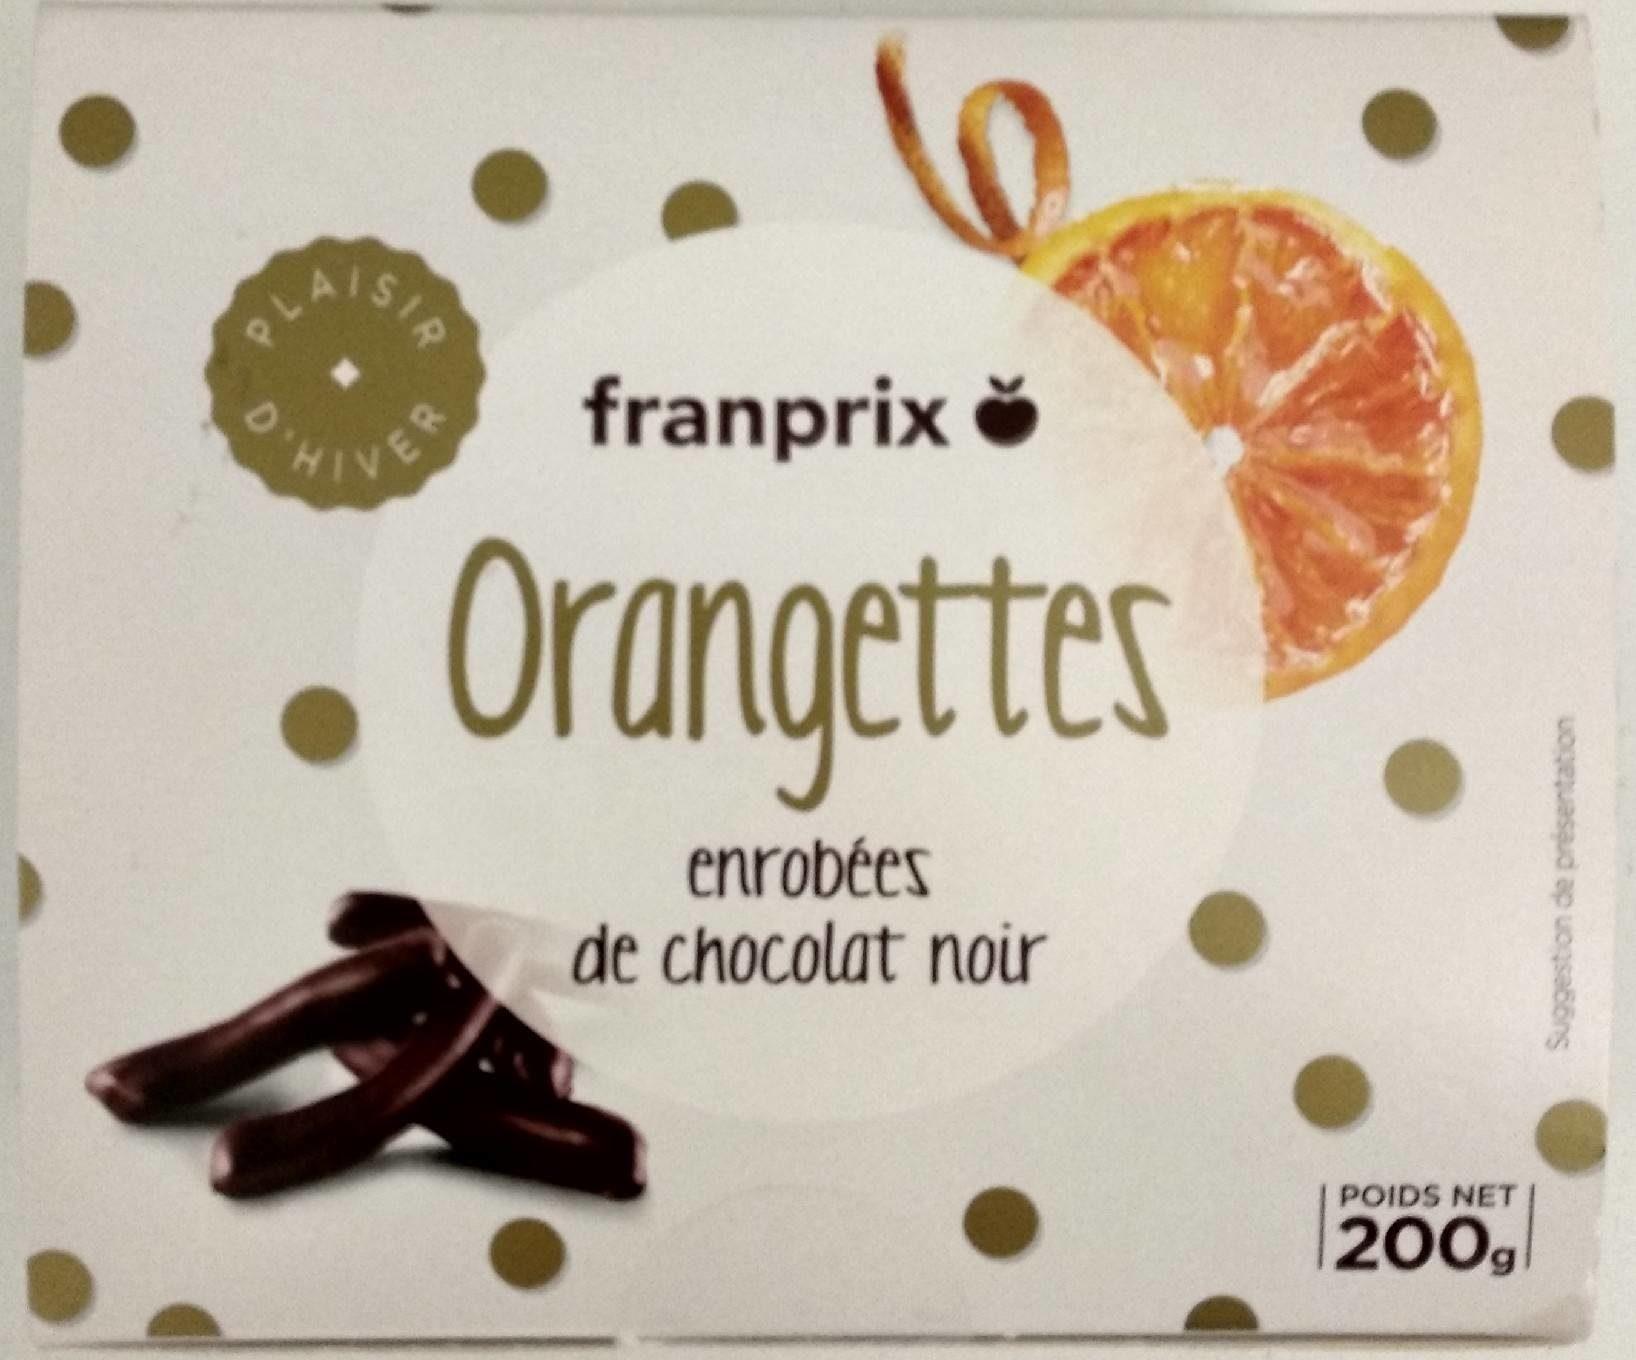 Orangettes enrobées de chocolat noir - Prodotto - fr